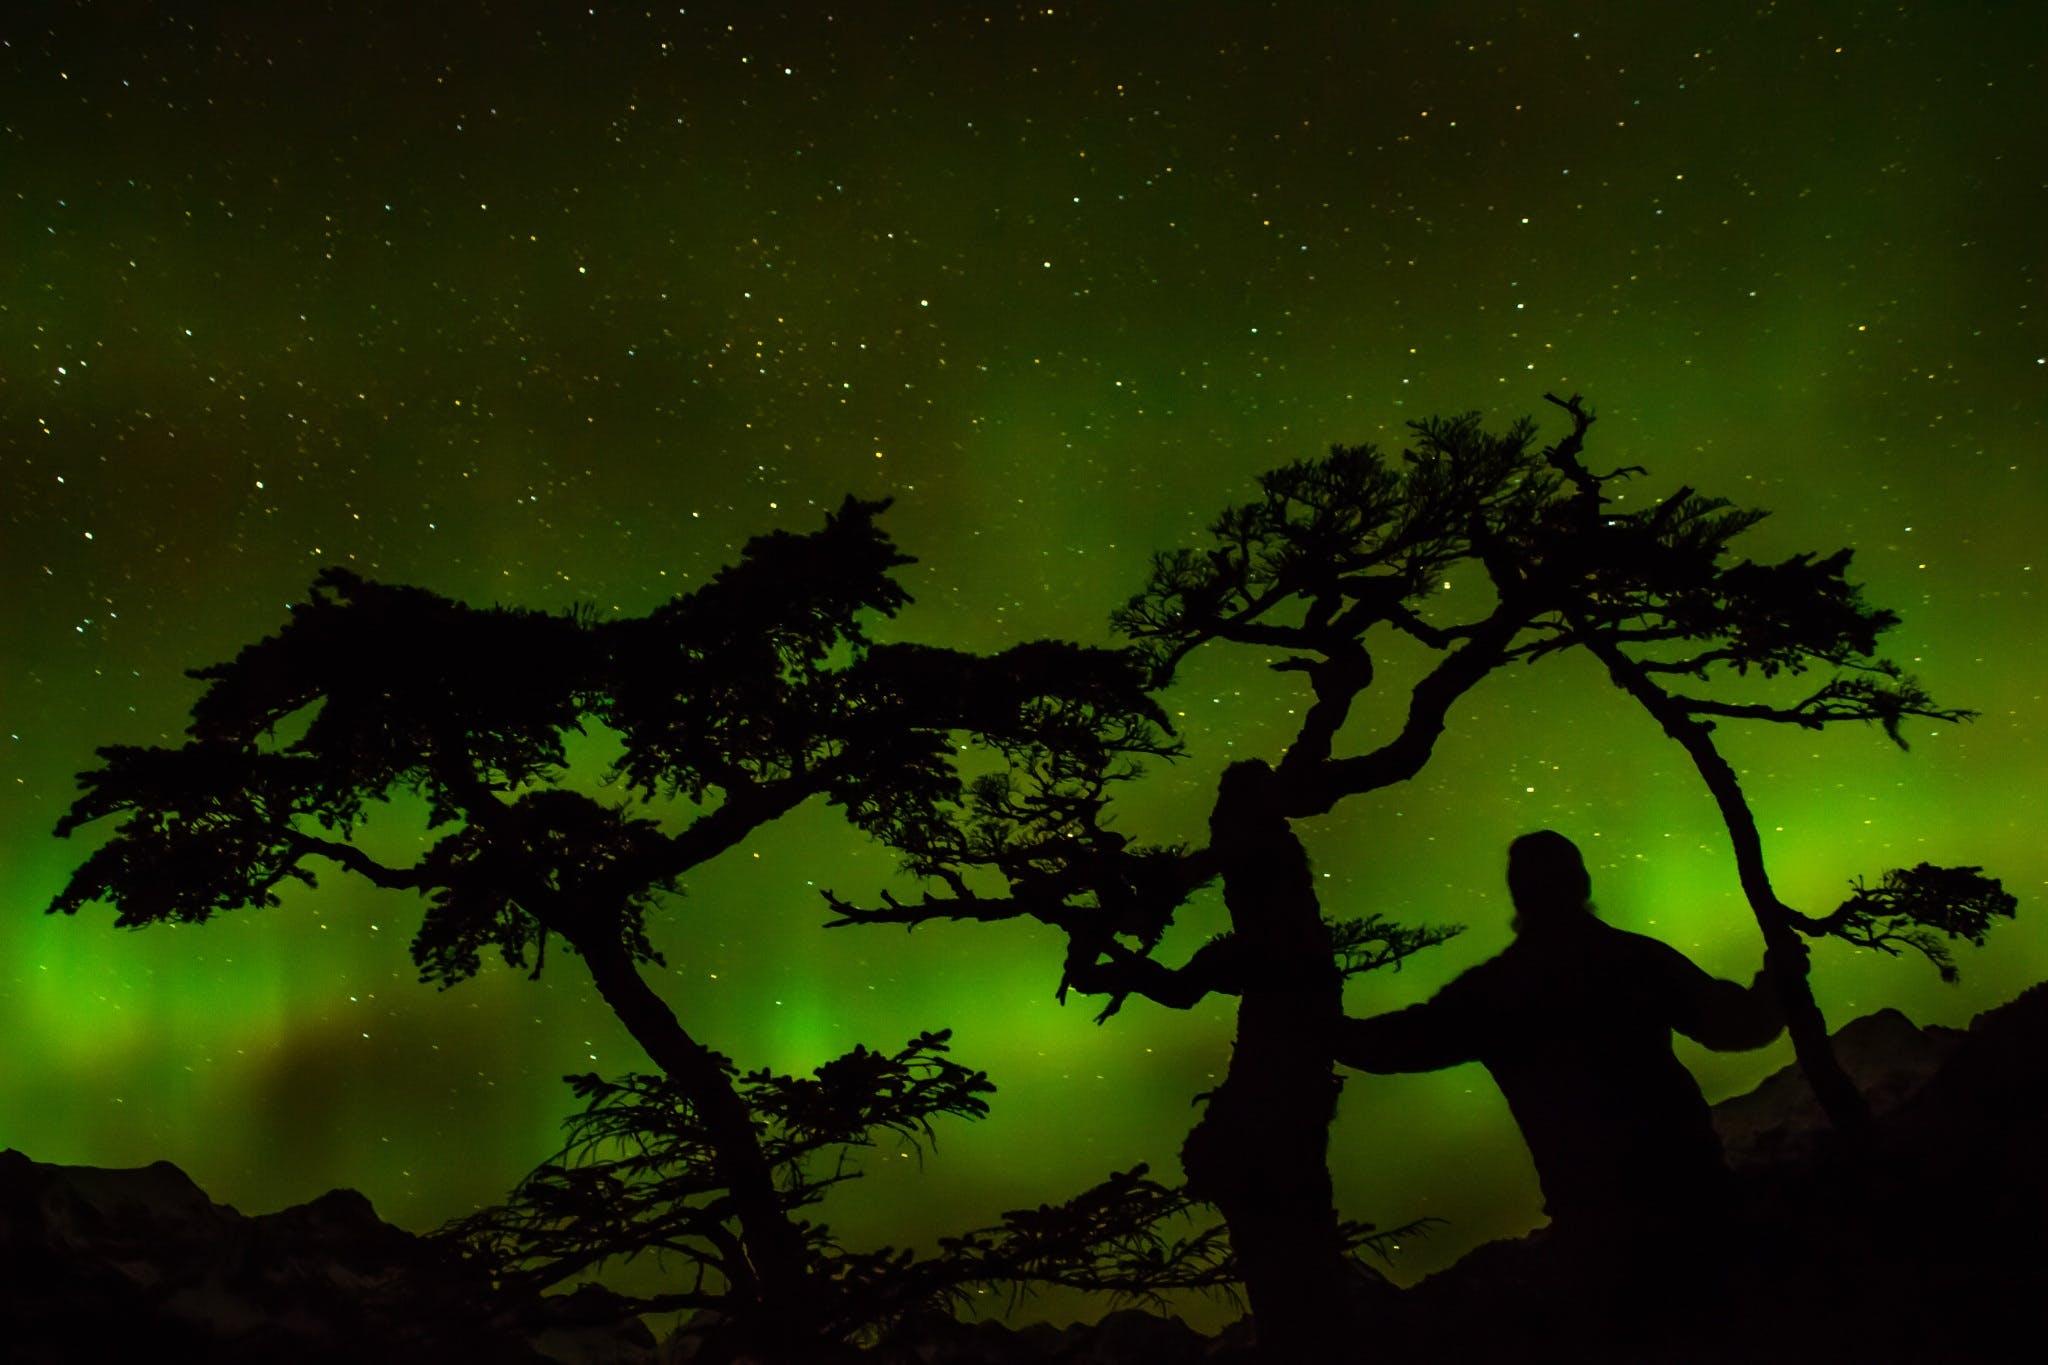 Kostenloses Stock Foto zu bäume, dunkel, grün, landschaftlich